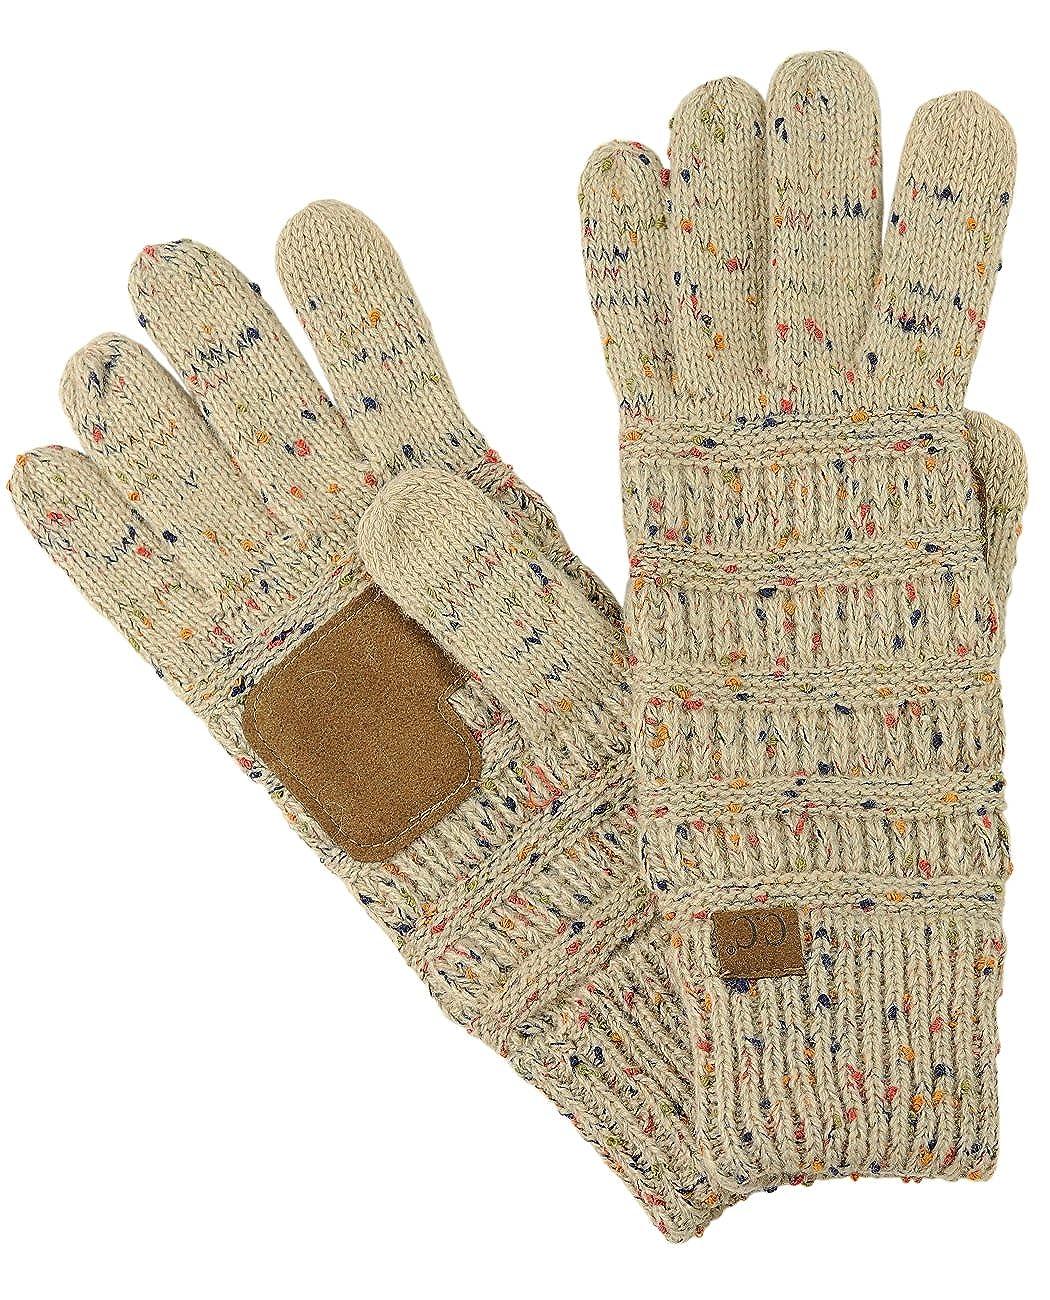 961cb7d9d1de0 C.C Unisex Cable Knit Winter Warm Anti-Slip Touchscreen Texting Gloves